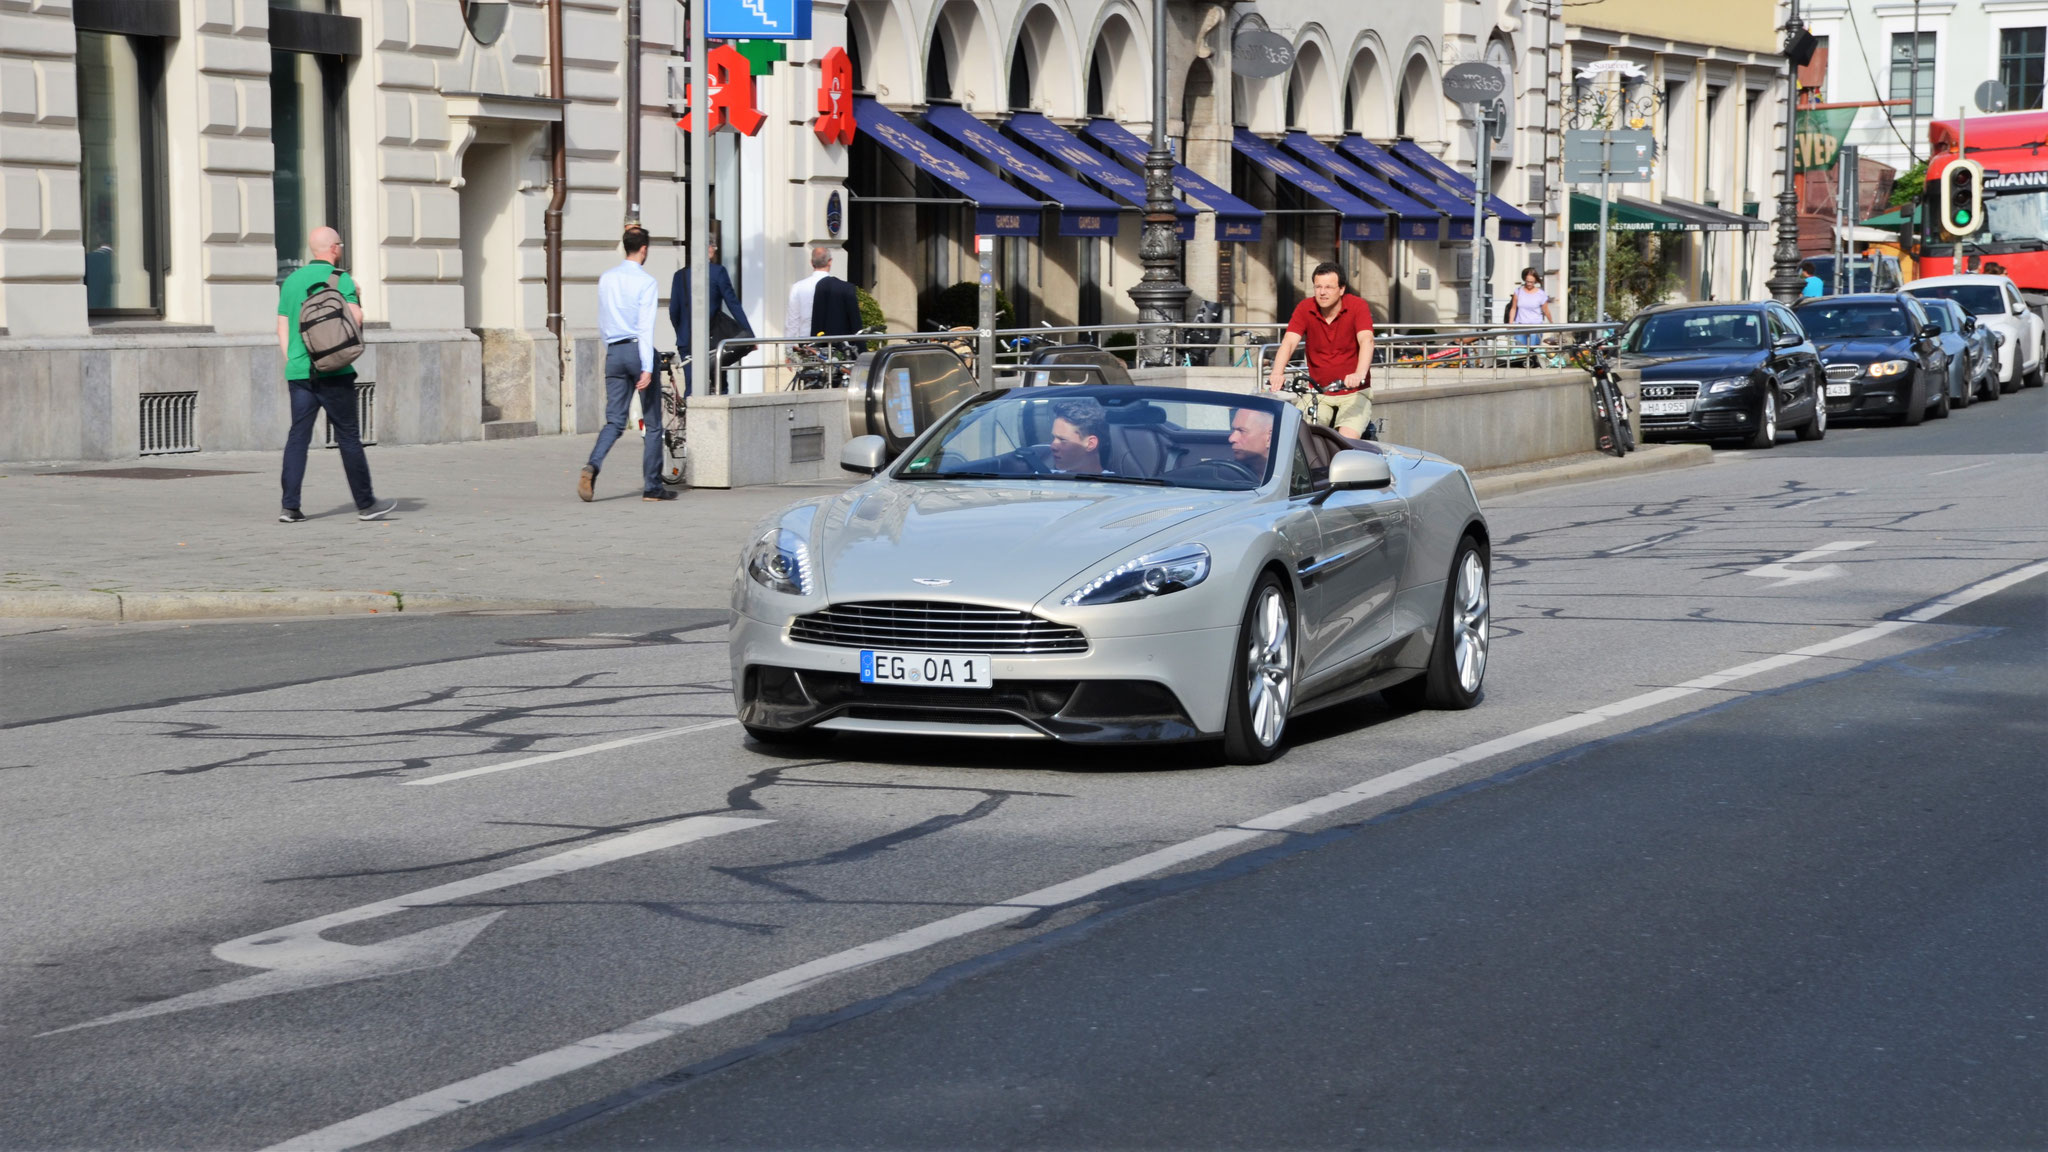 Aston Martin Vanquish Volante - EG-OA-1